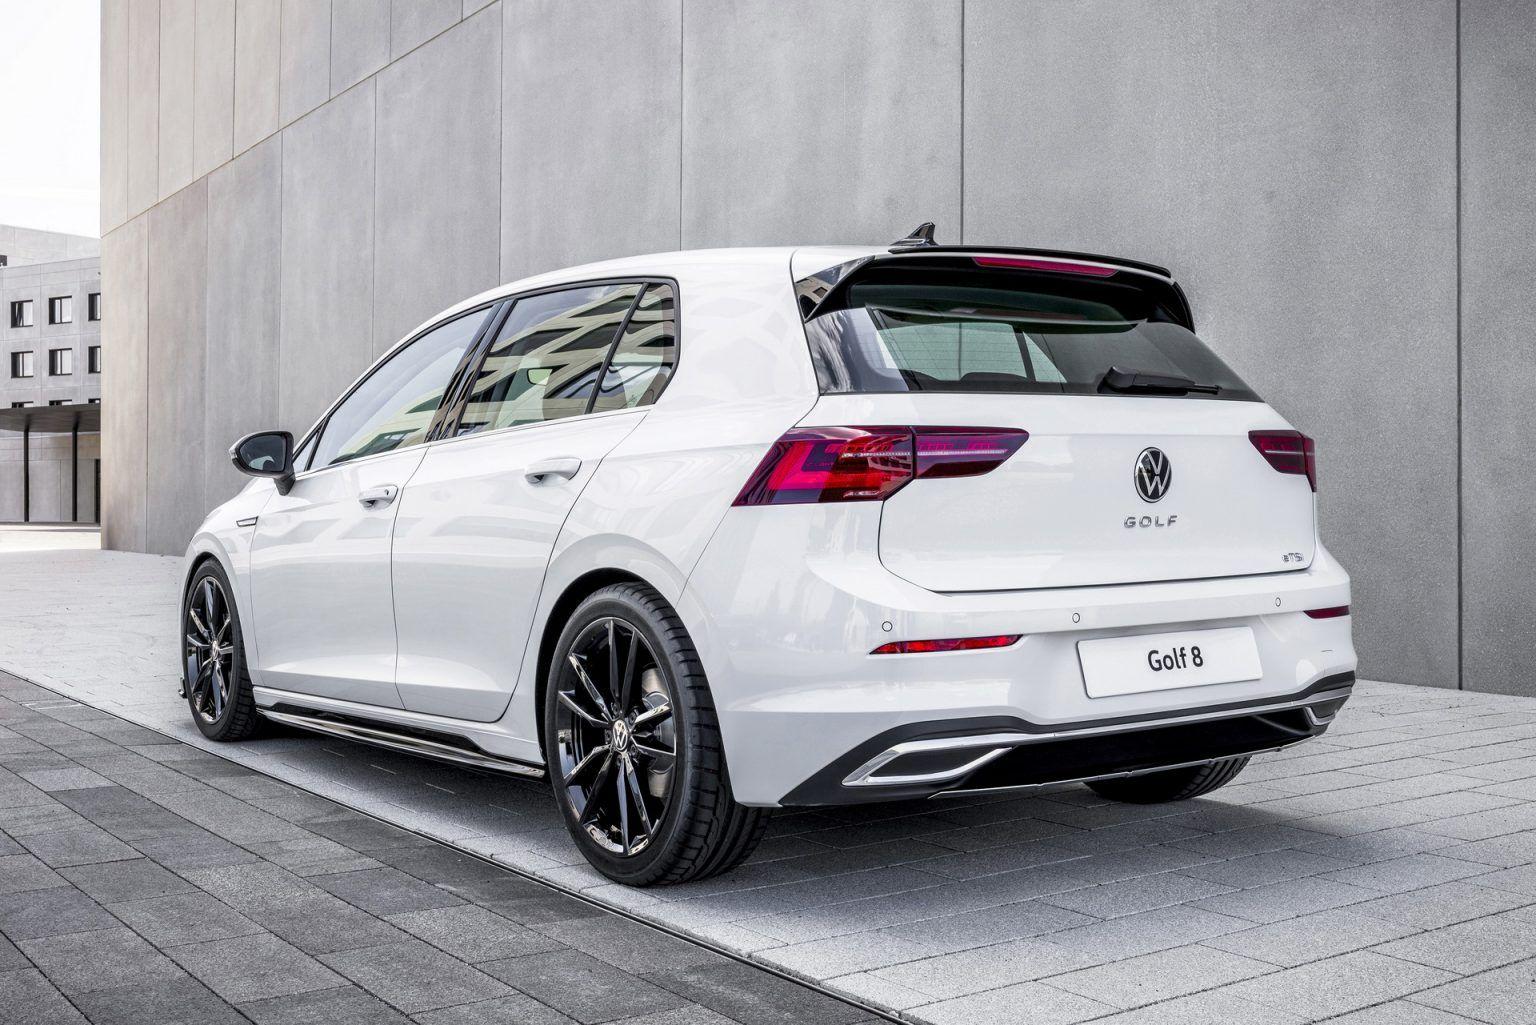 Oettinger Offer Aerodynamic Kit For Volkswagen Golf 8 Volkswagen Golf Volkswagen First Cars